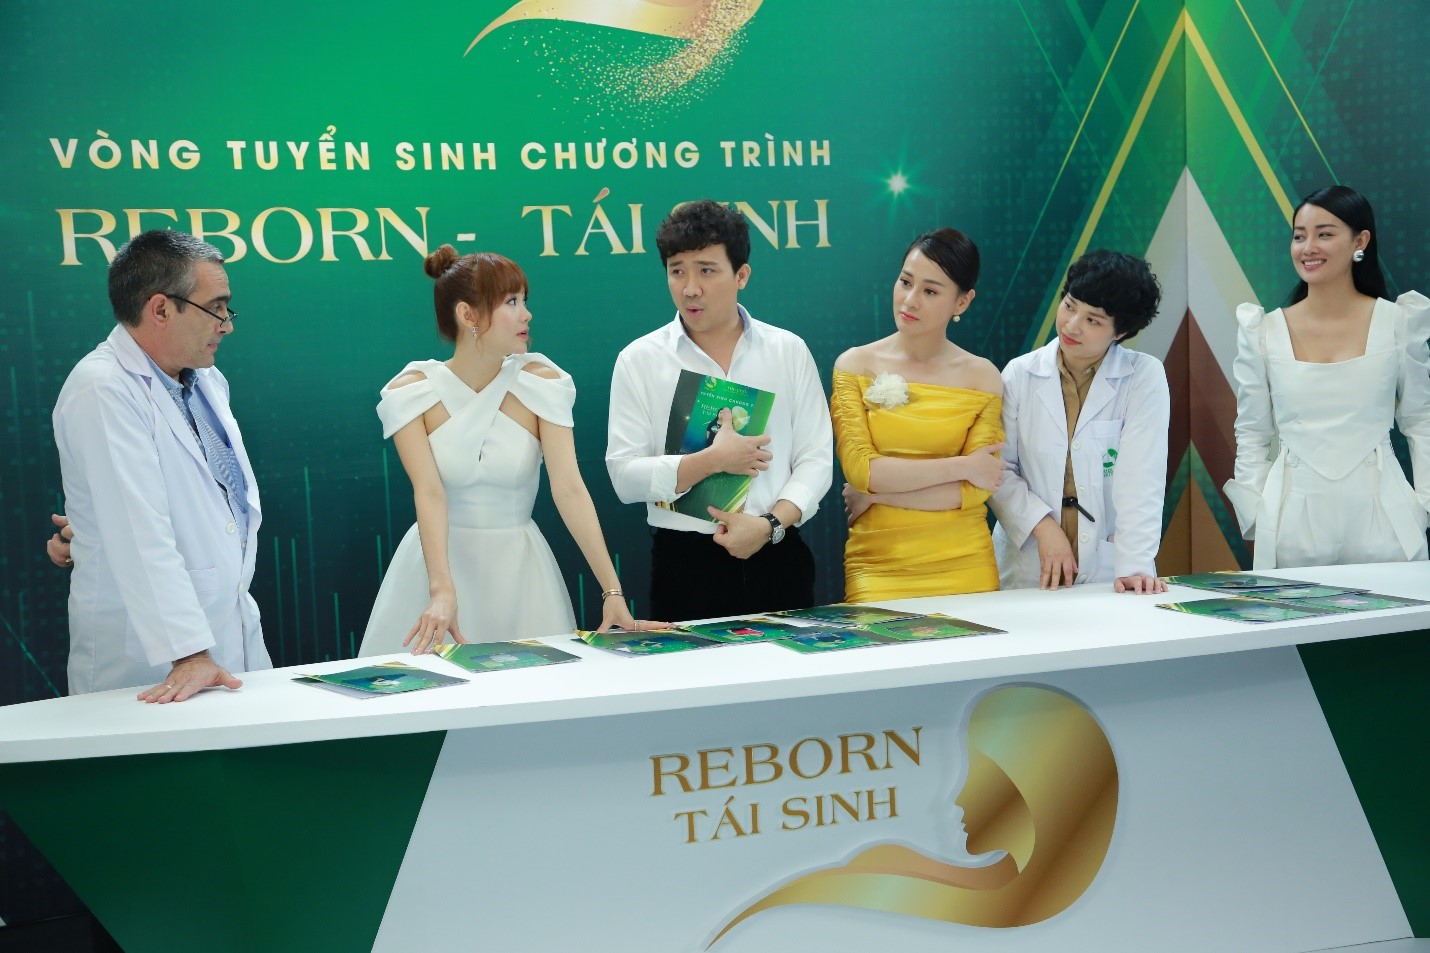 Nghệ sĩ Trấn Thành bất ngờ bị ném dép khi đang làm giám khảo